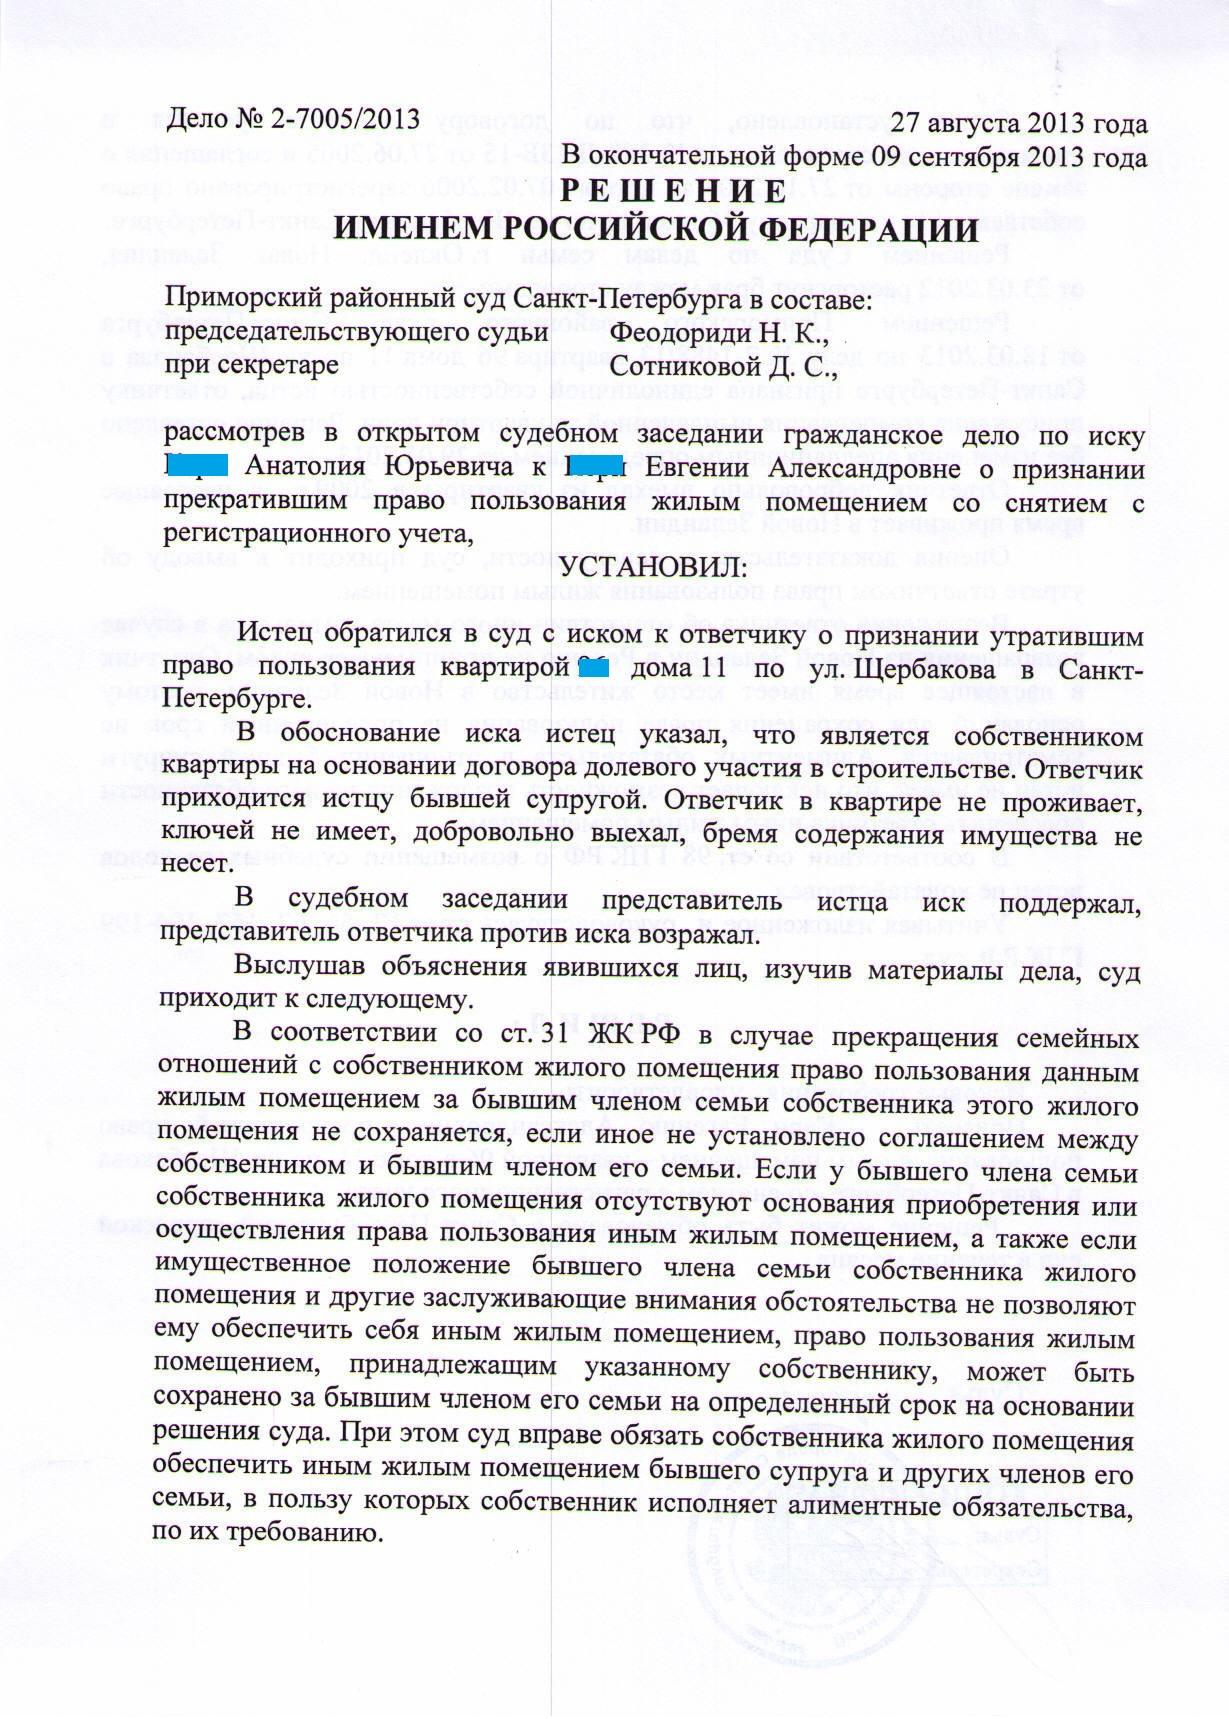 Заявление в суд на признание права пользования